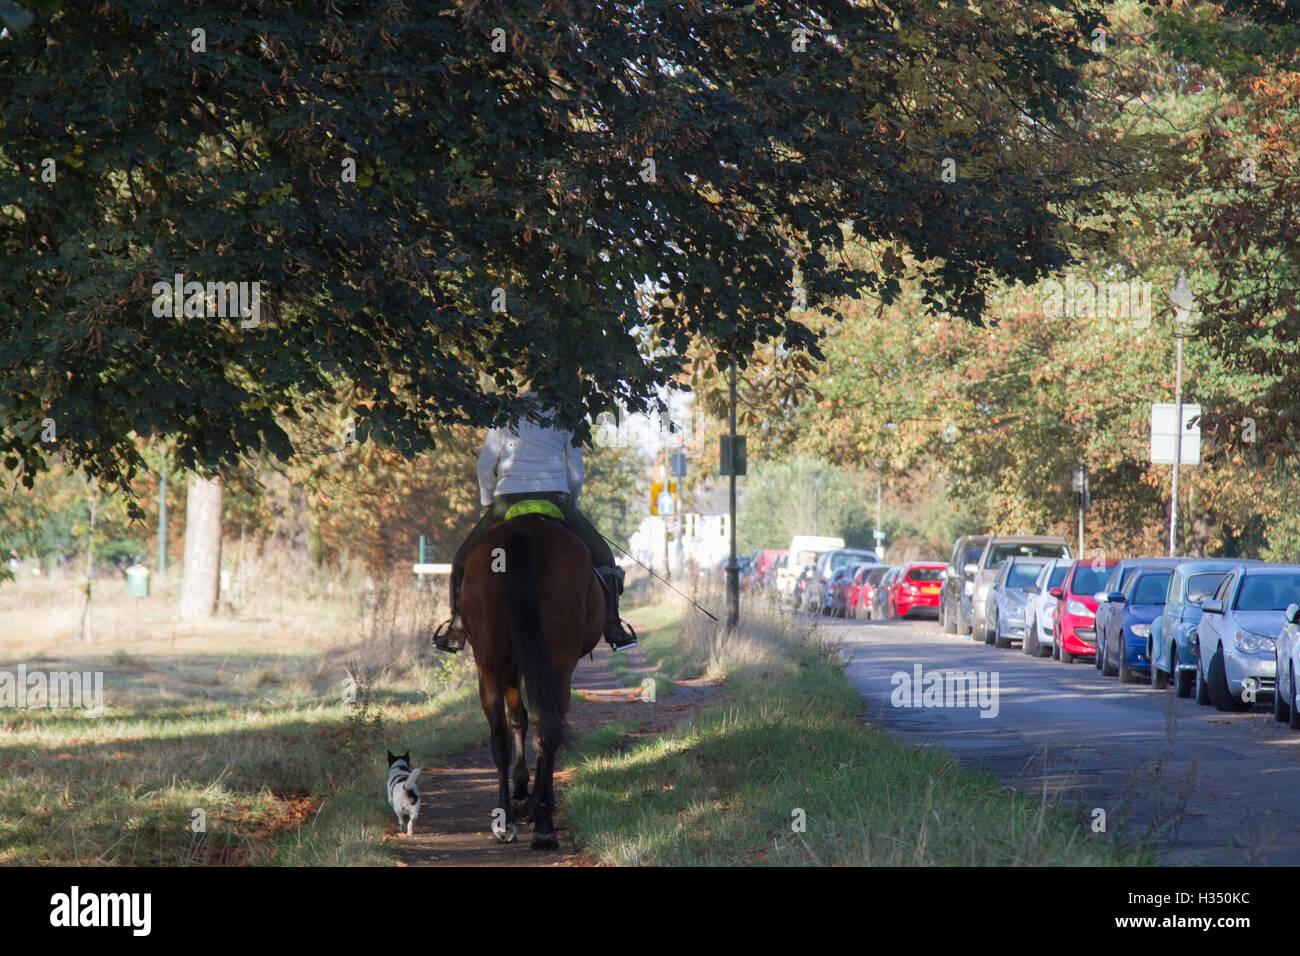 Wimbledon en Londres, Reino Unido. 4º de octubre de 2016. Los jinetes de la Wimbledon establos disfrutar montando en Wimbledon en la mañana de otoño Sol Crédito: amer ghazzal/Alamy Live News Foto de stock